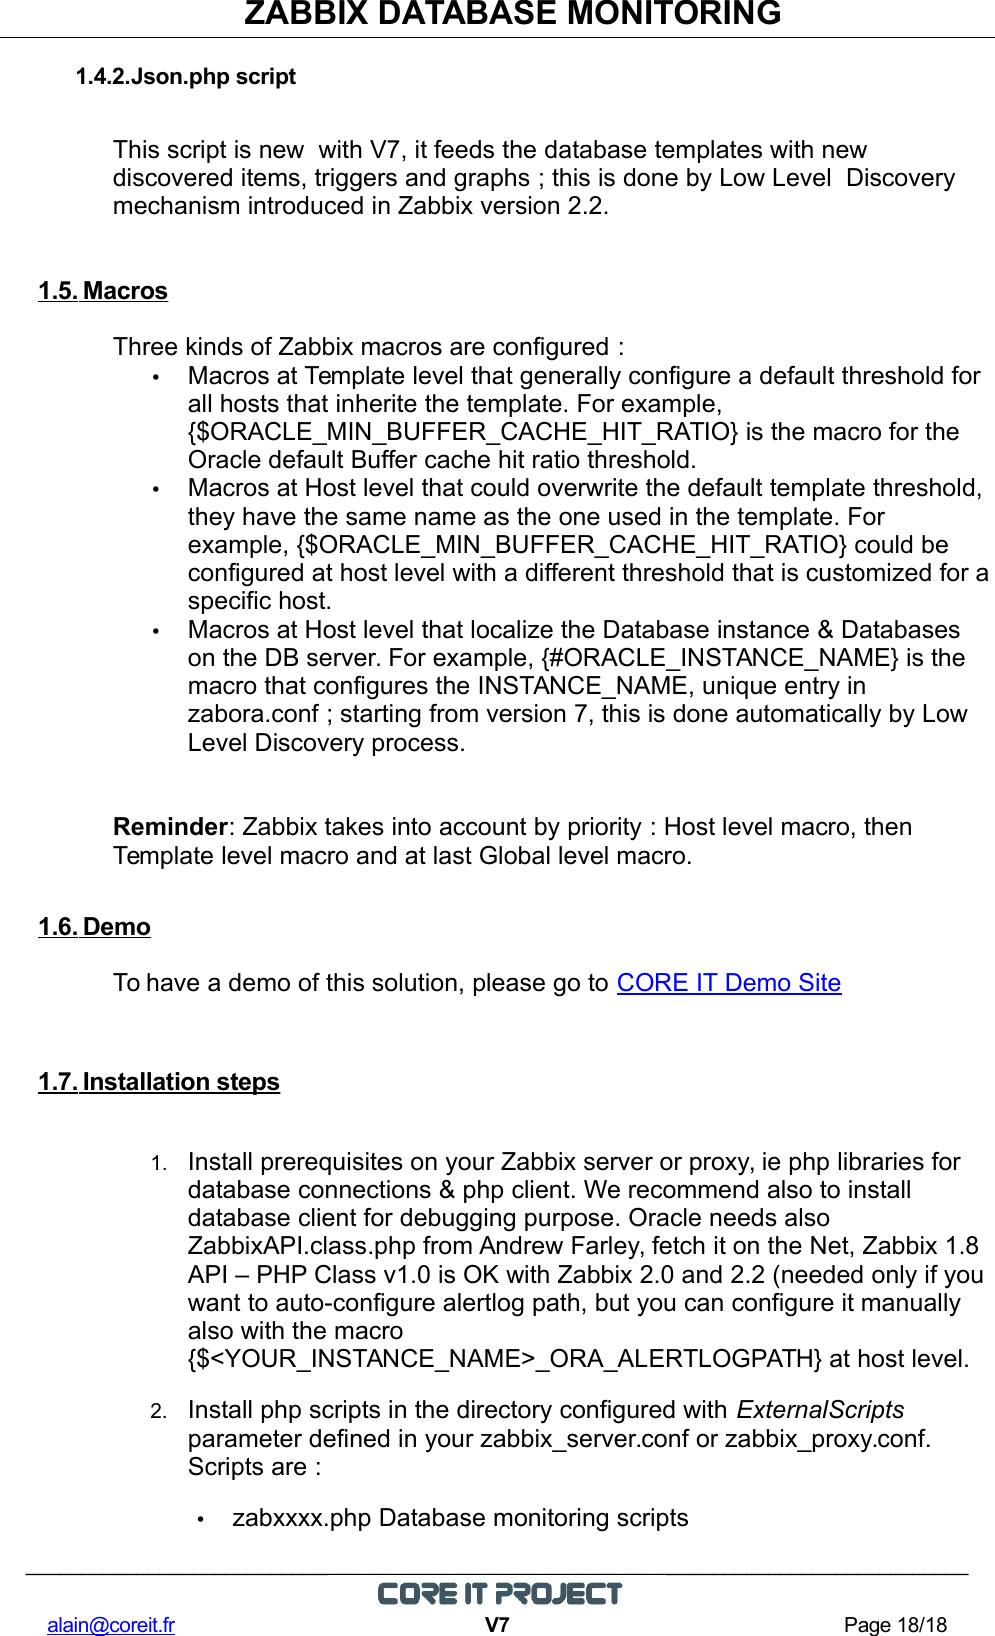 Zabbix Database Monitoring DB Ref Guide US V7